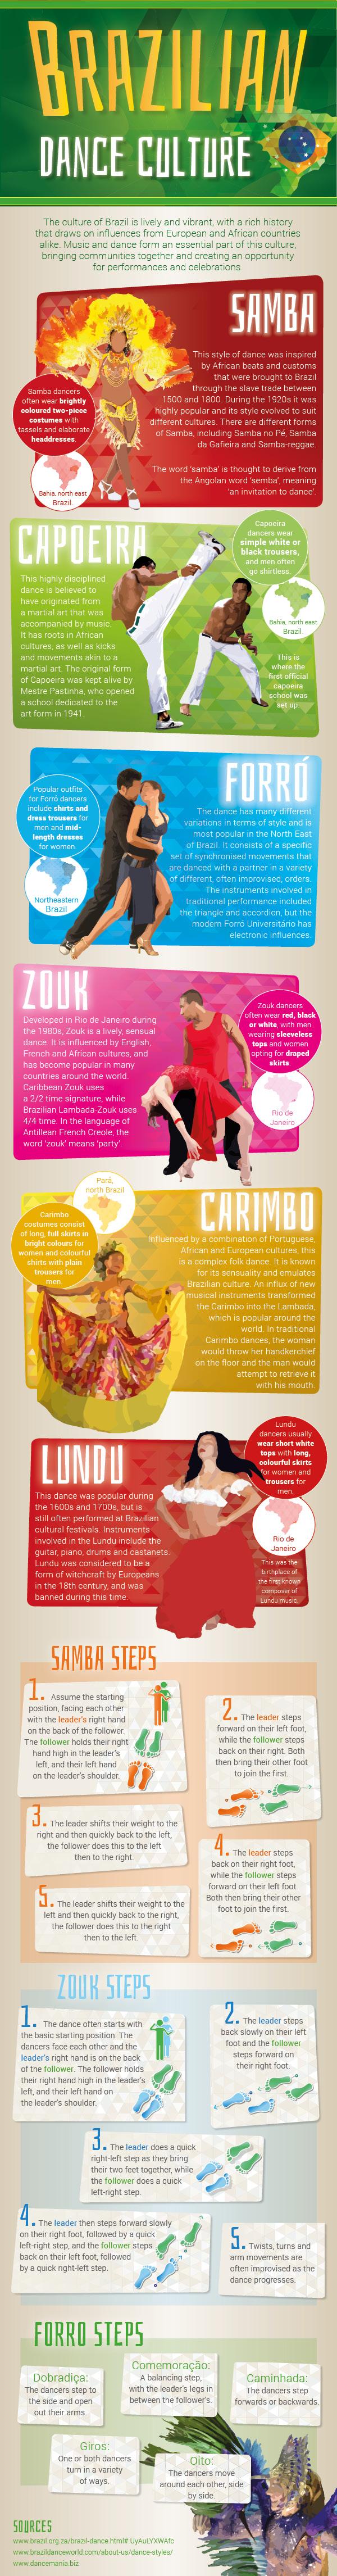 brazilian dance culture